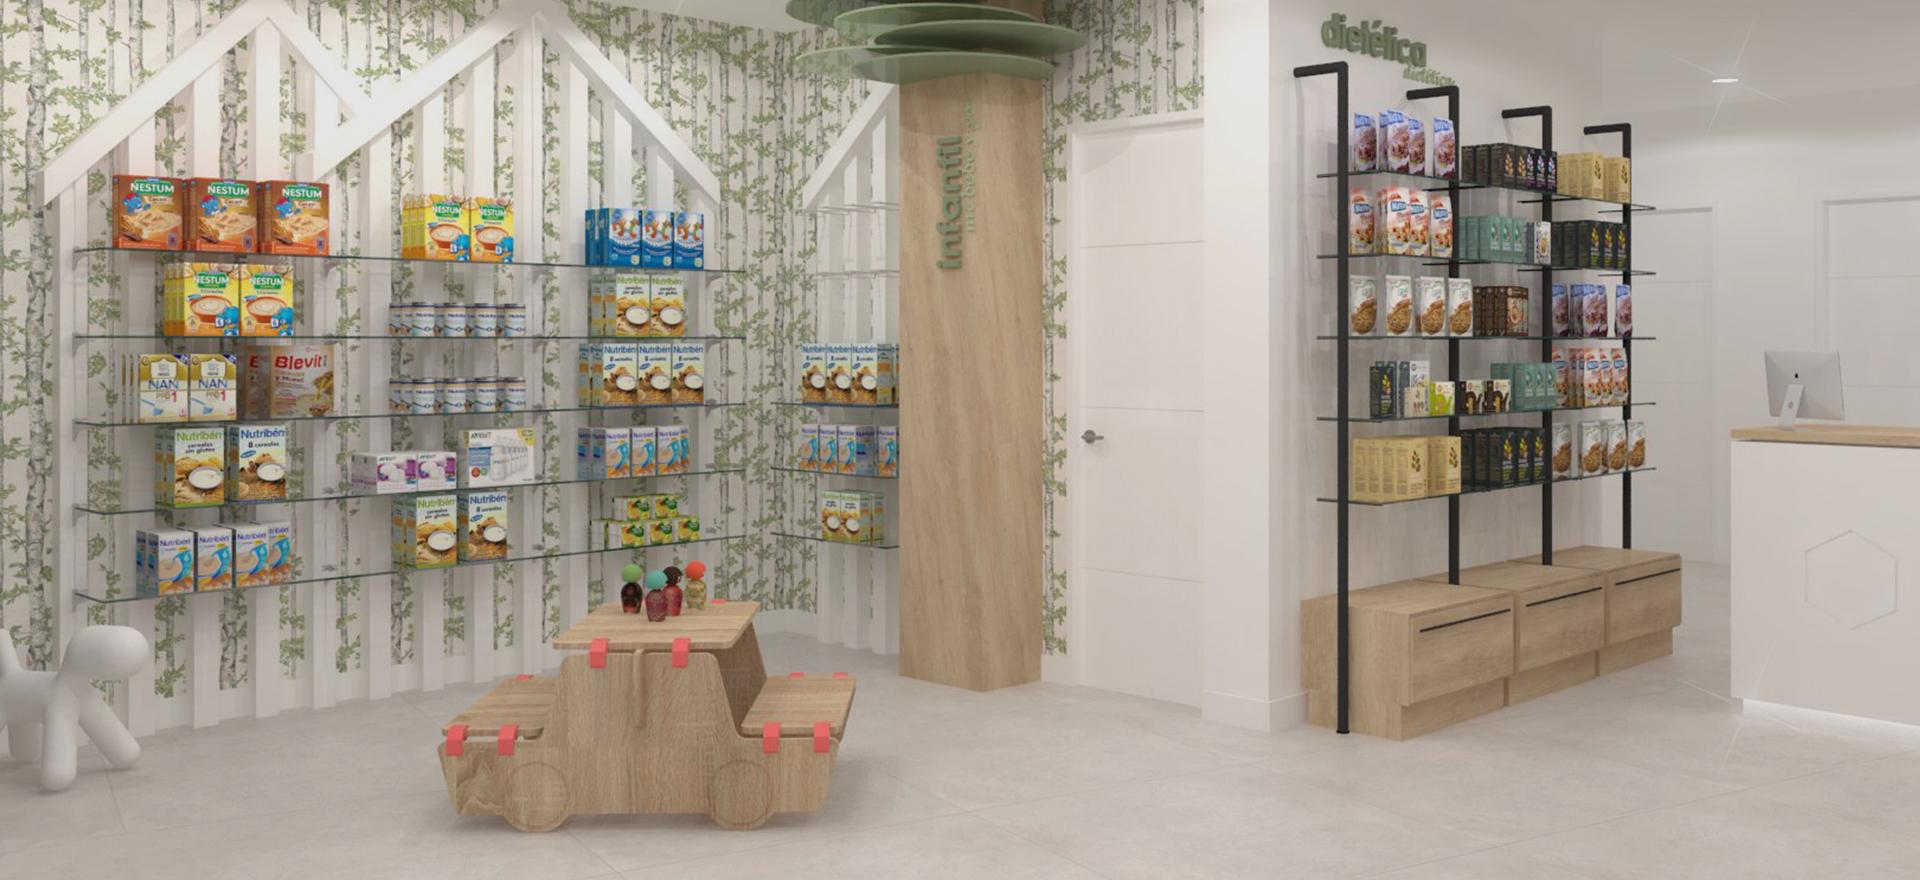 Imagen de una de nuestras farmacias (1 de 10)